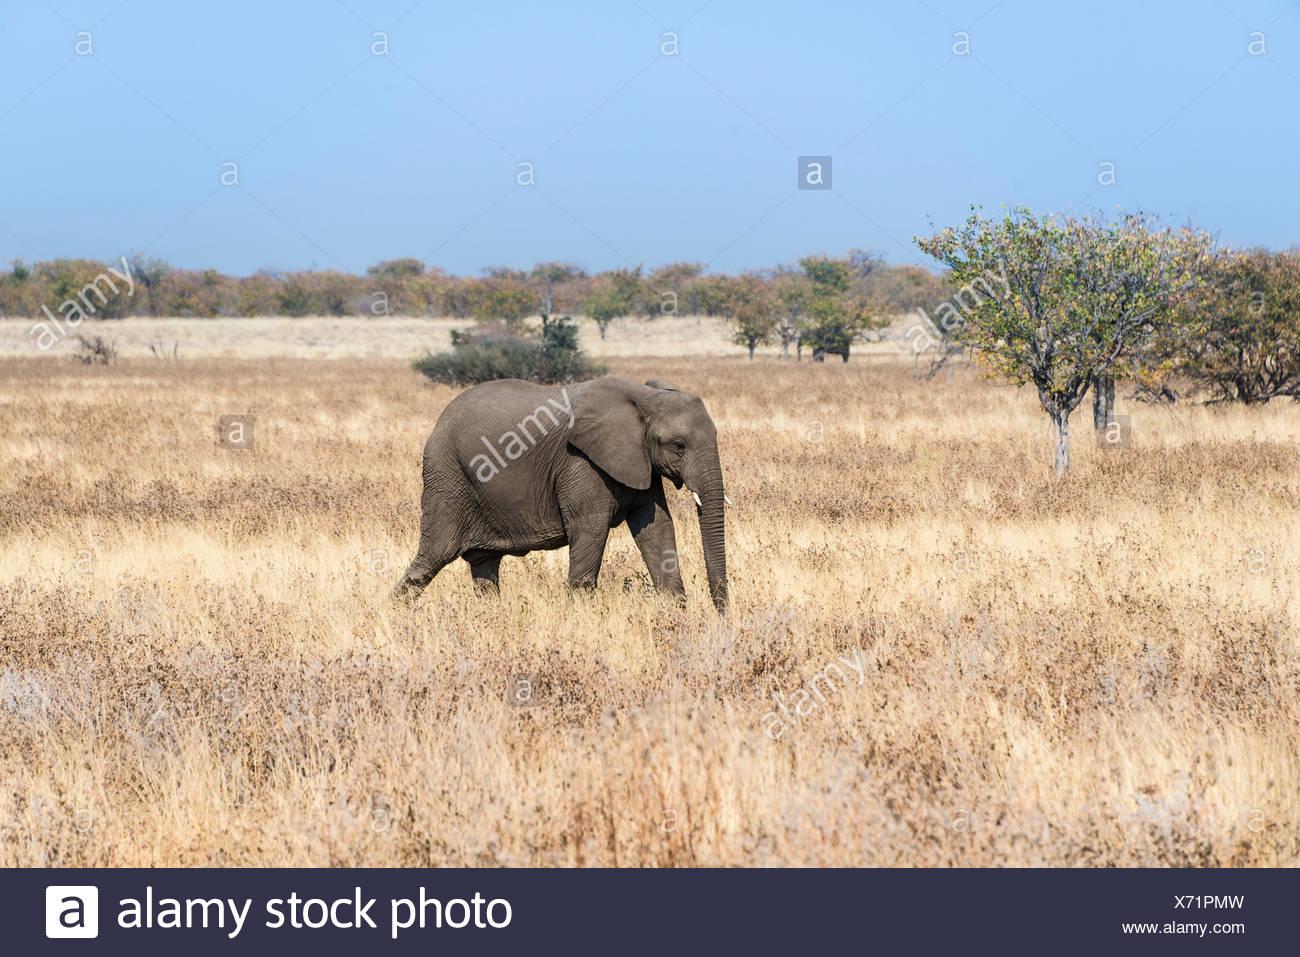 Young African Elephant (Loxodonta africana) moves through dry bushland, Etosha National Park, Namibia - Stock Image